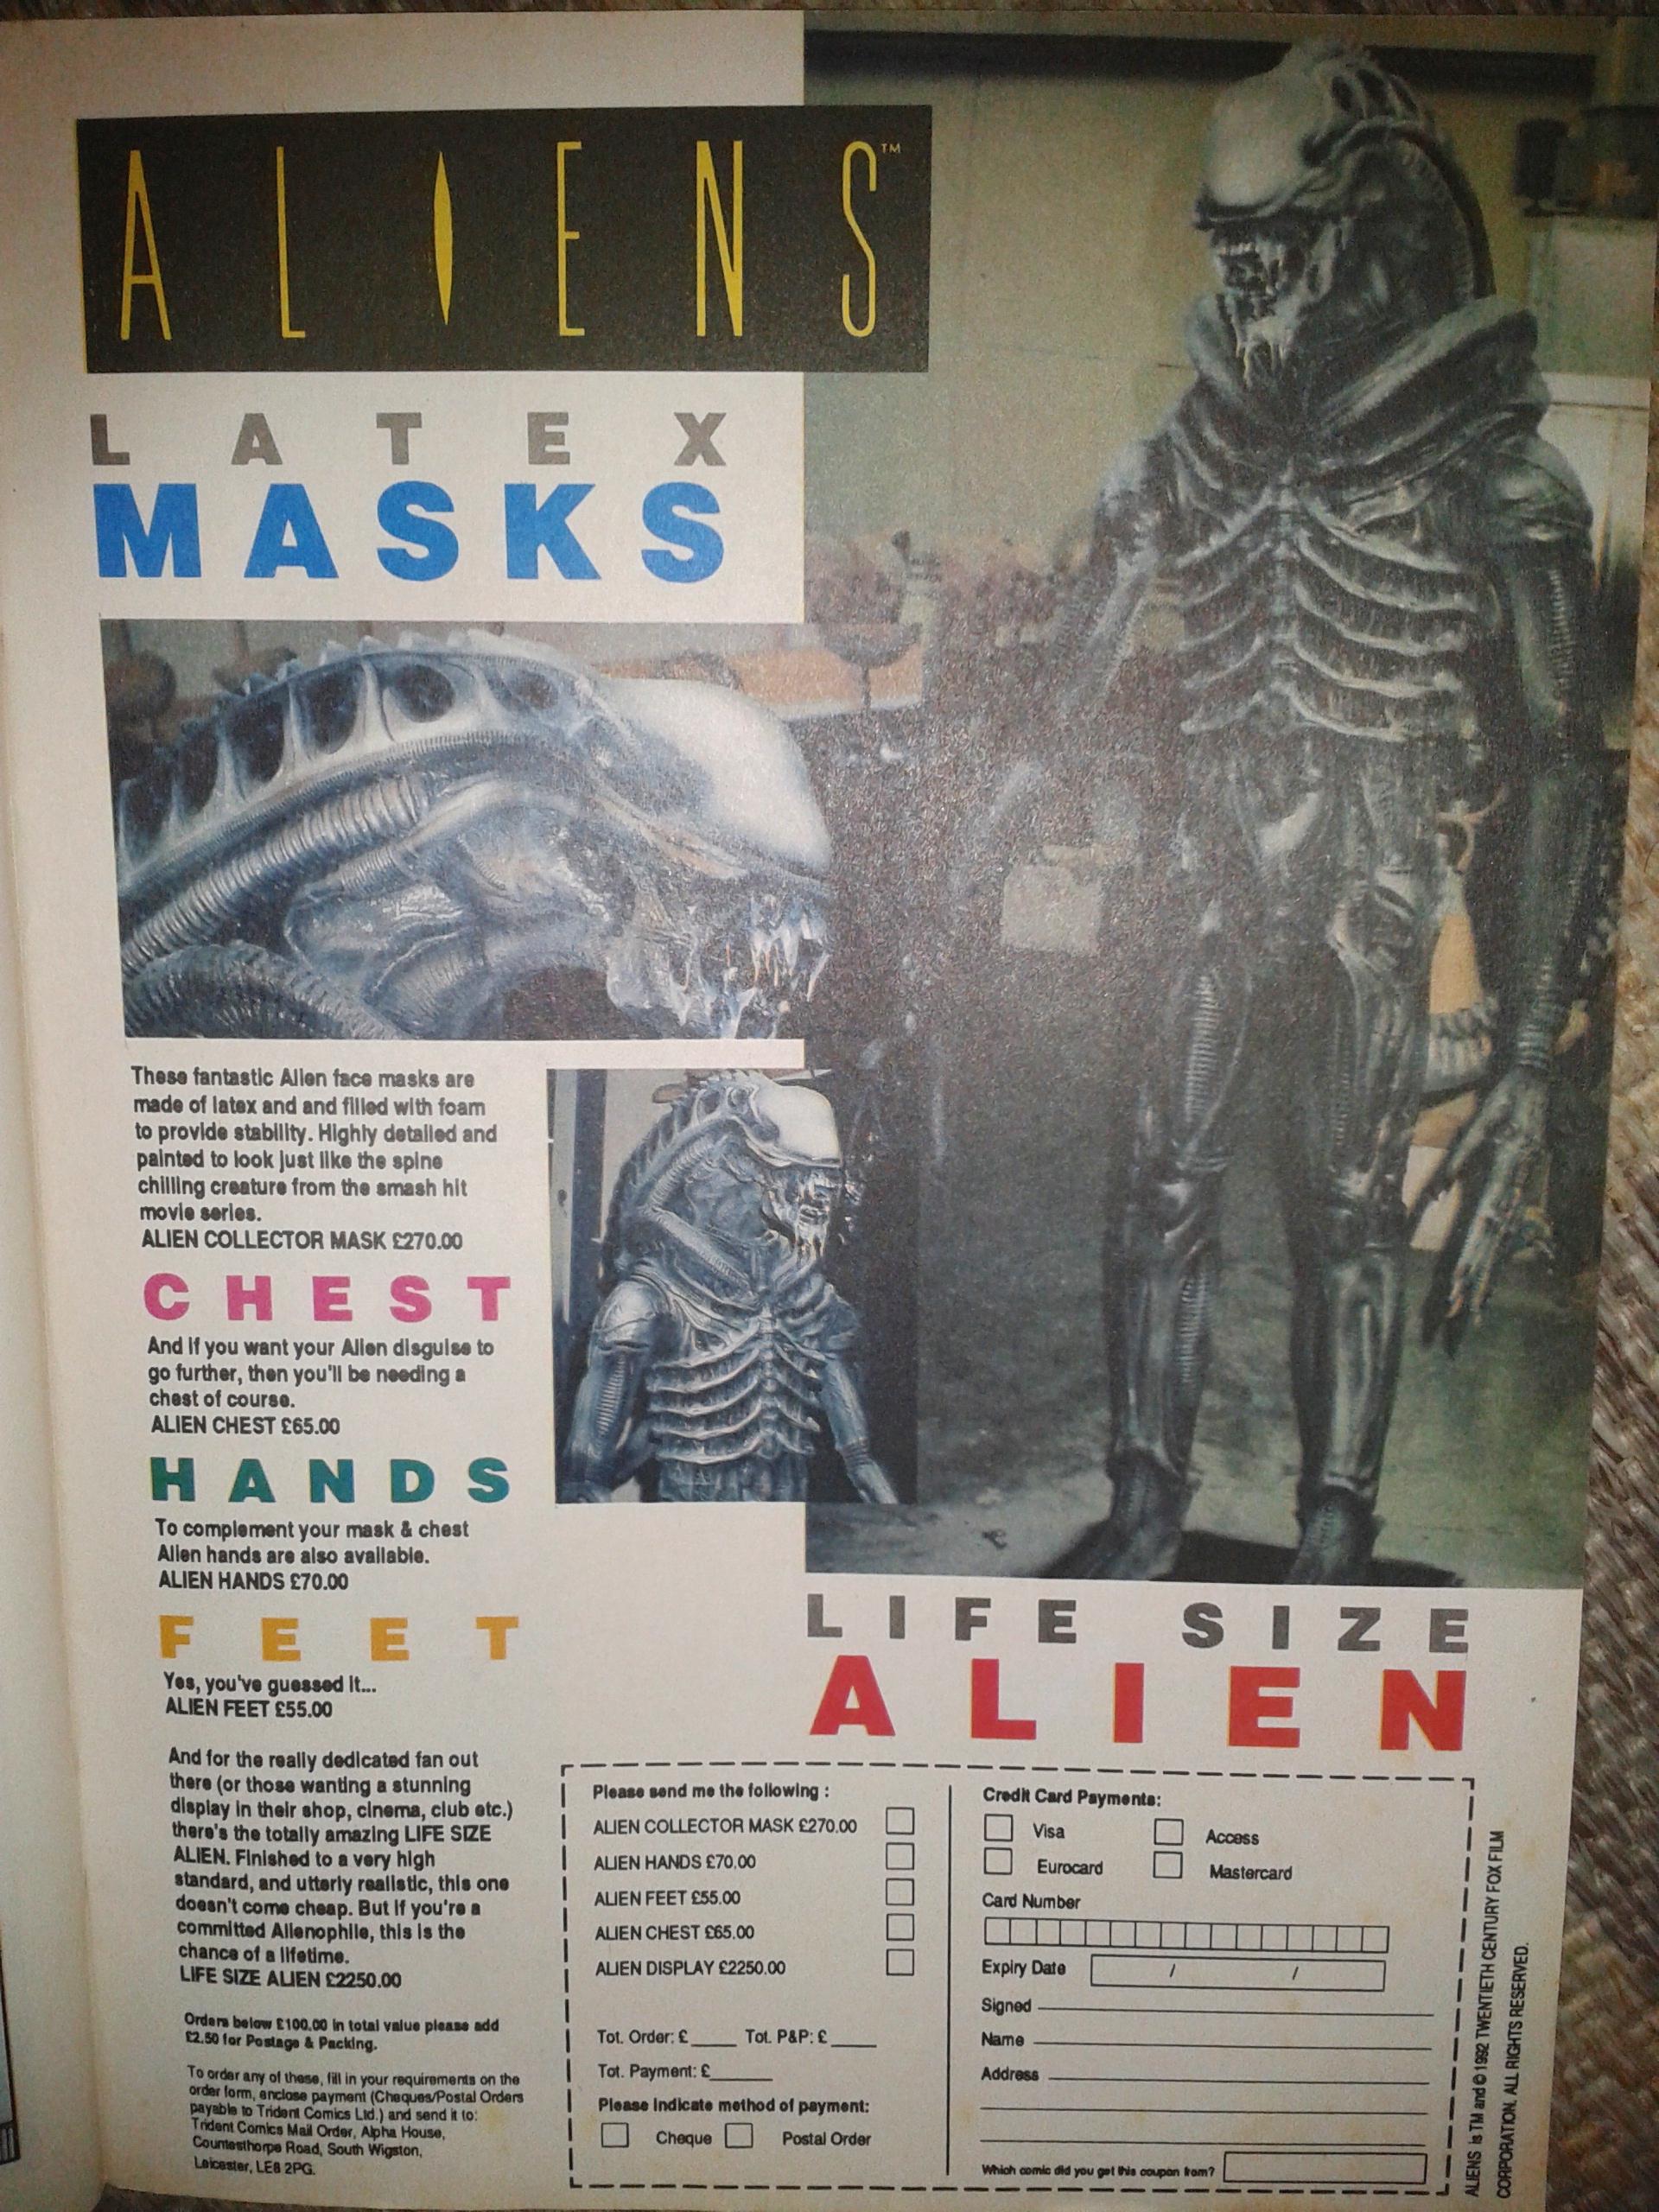 Aliens Merchandise Advert - 1990s